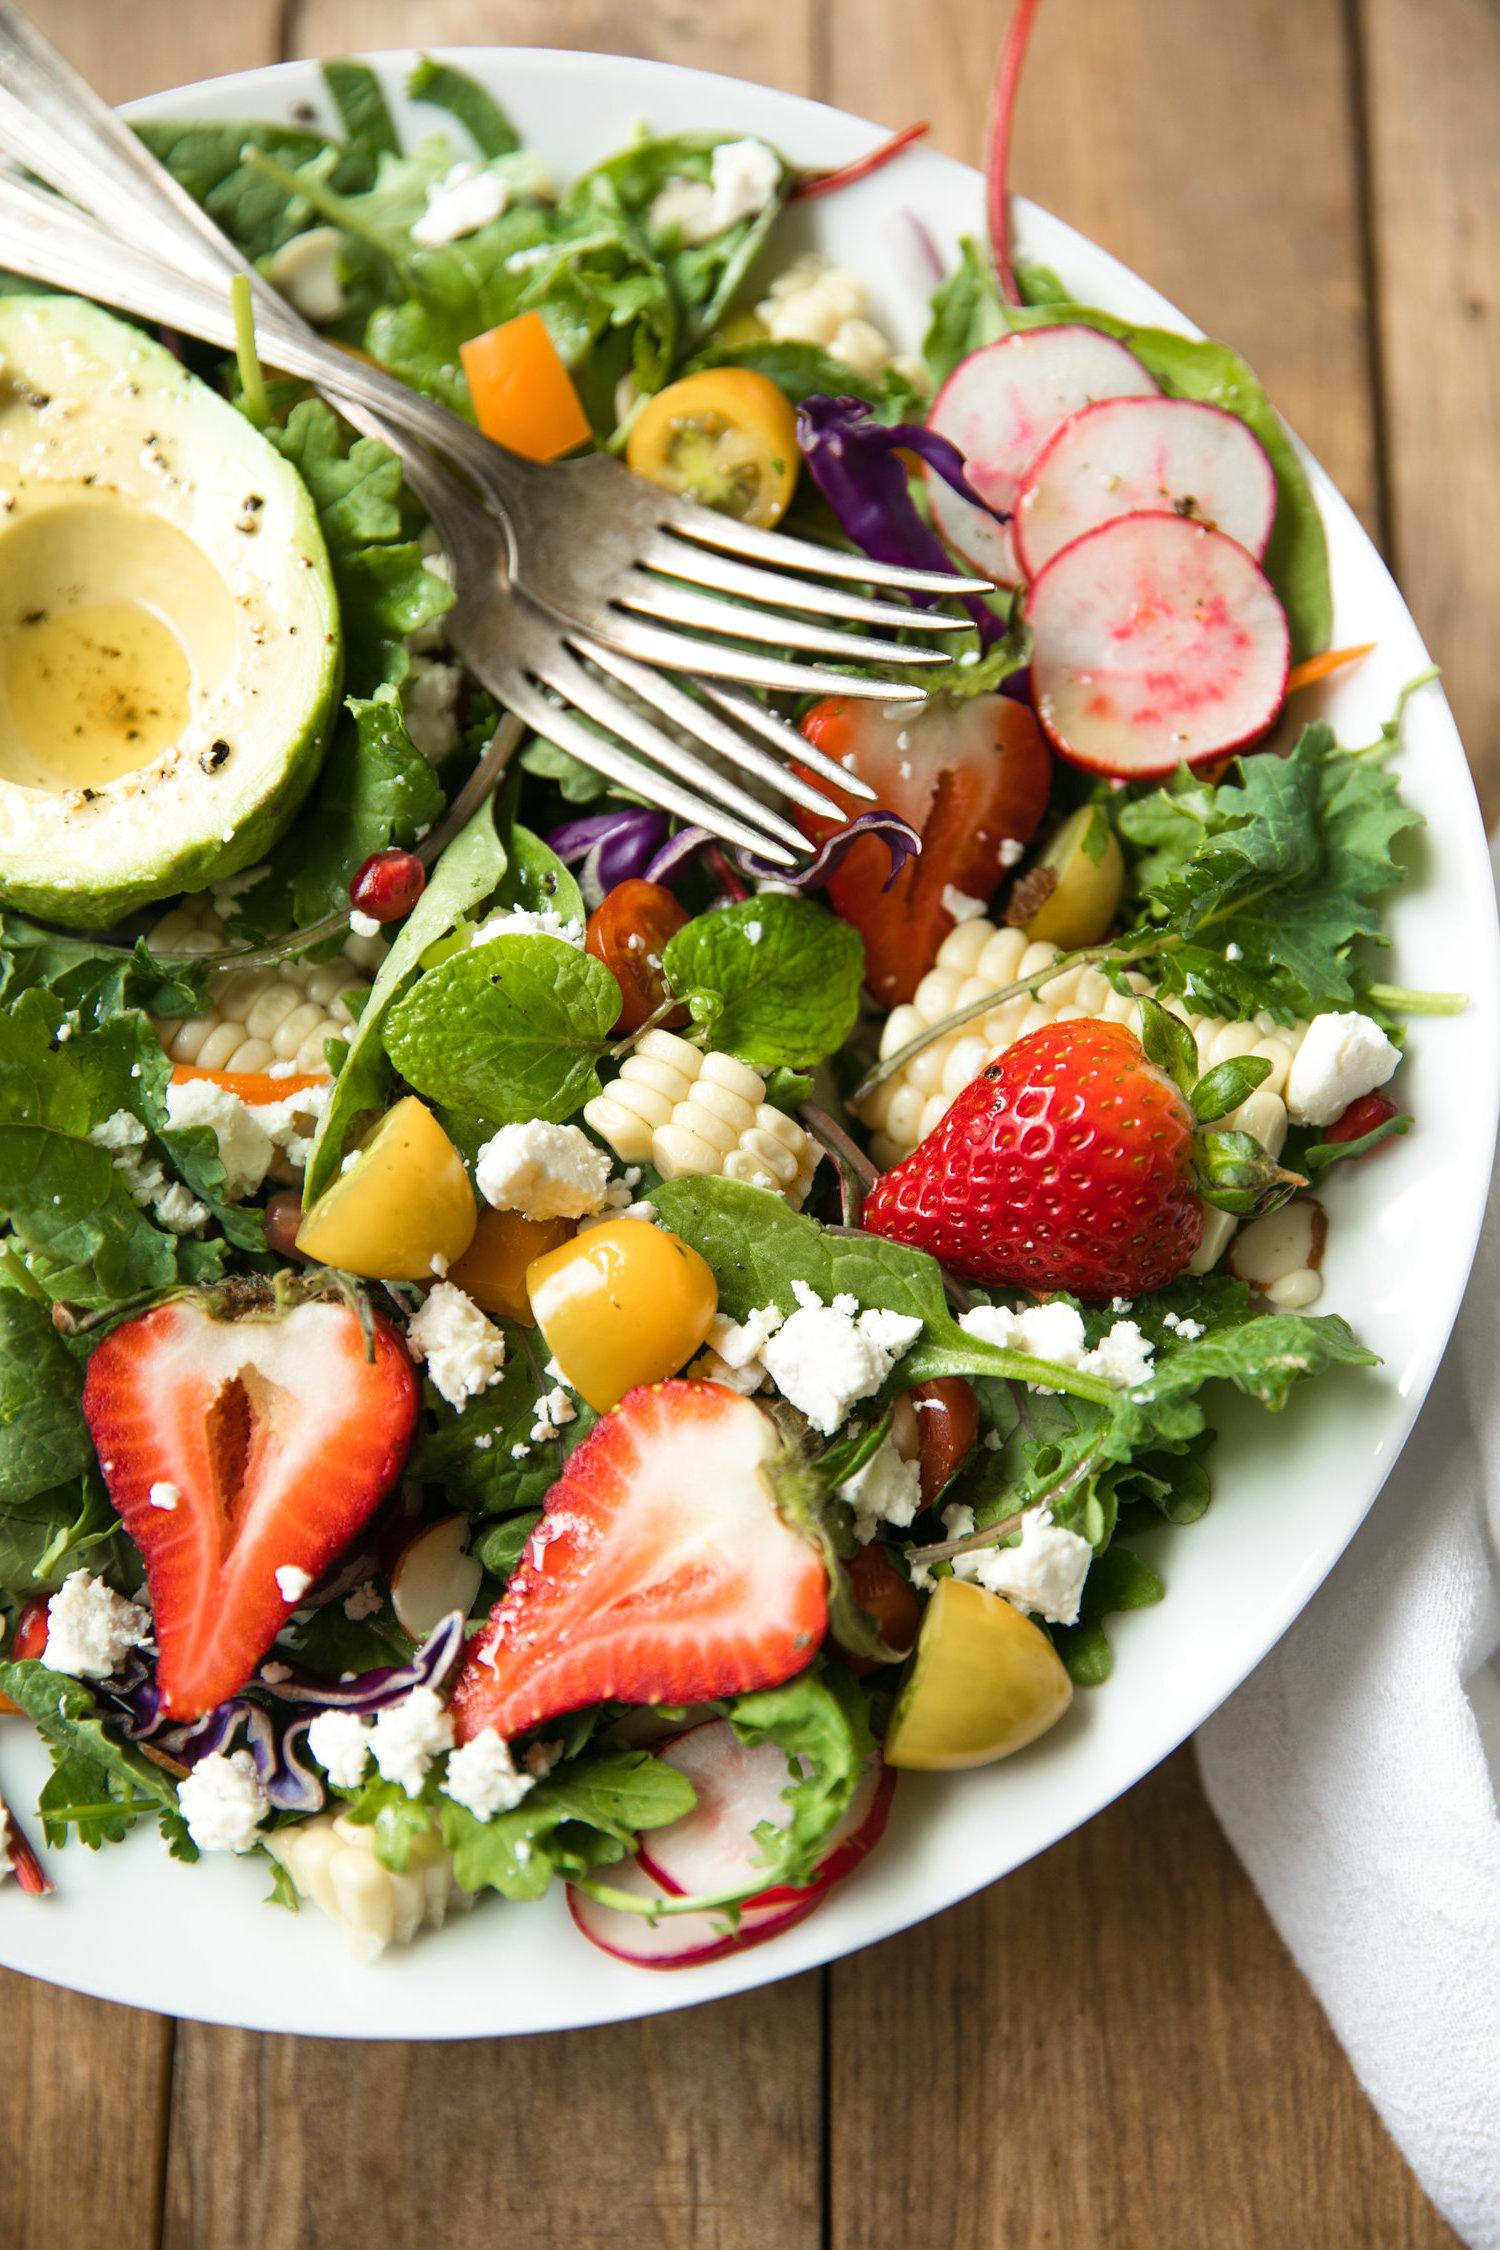 Lesen Sie hier einige leckeren Rezepte für Frühlingssalat